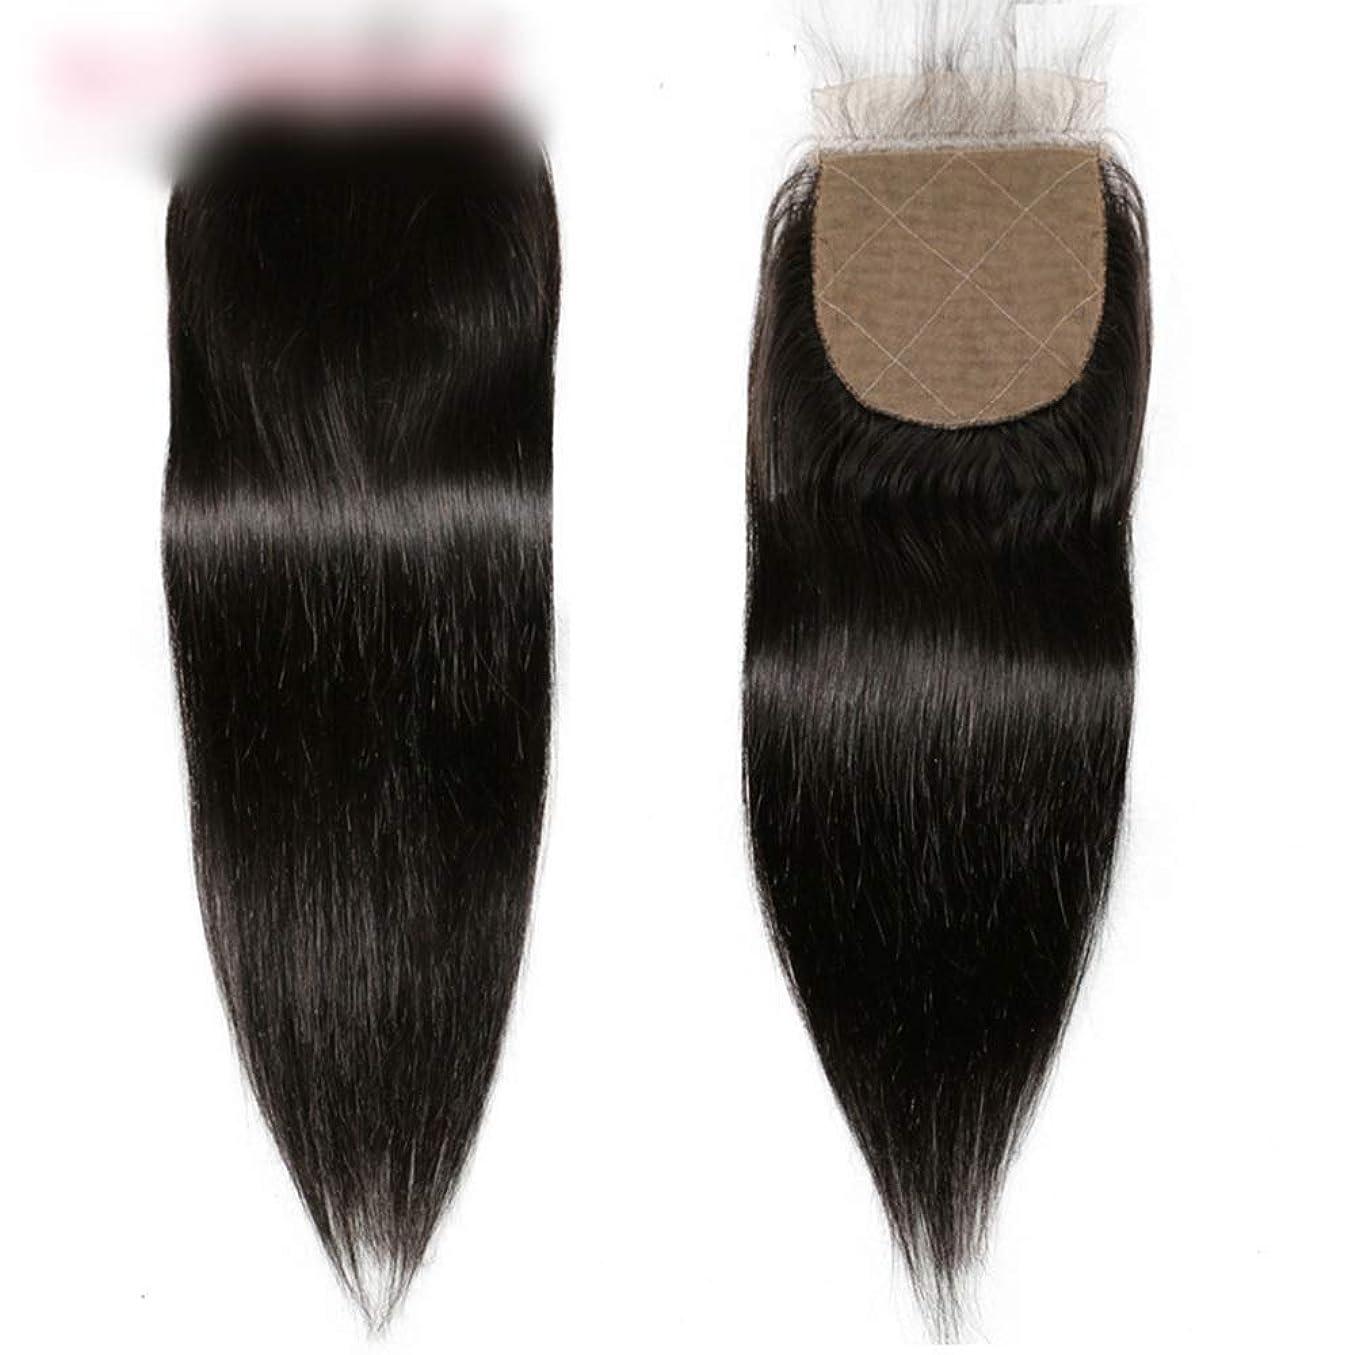 実り多い植生なぜならHOHYLLYA ブラジルのストレートの髪の束と閉鎖未処理の人間の髪の毛のレースの閉鎖ナチュラルカラーの髪の合成毛髪のレースのかつらロールプレイングウィッグロングとショートの女性自然 (色 : 黒, サイズ : 20 inch)